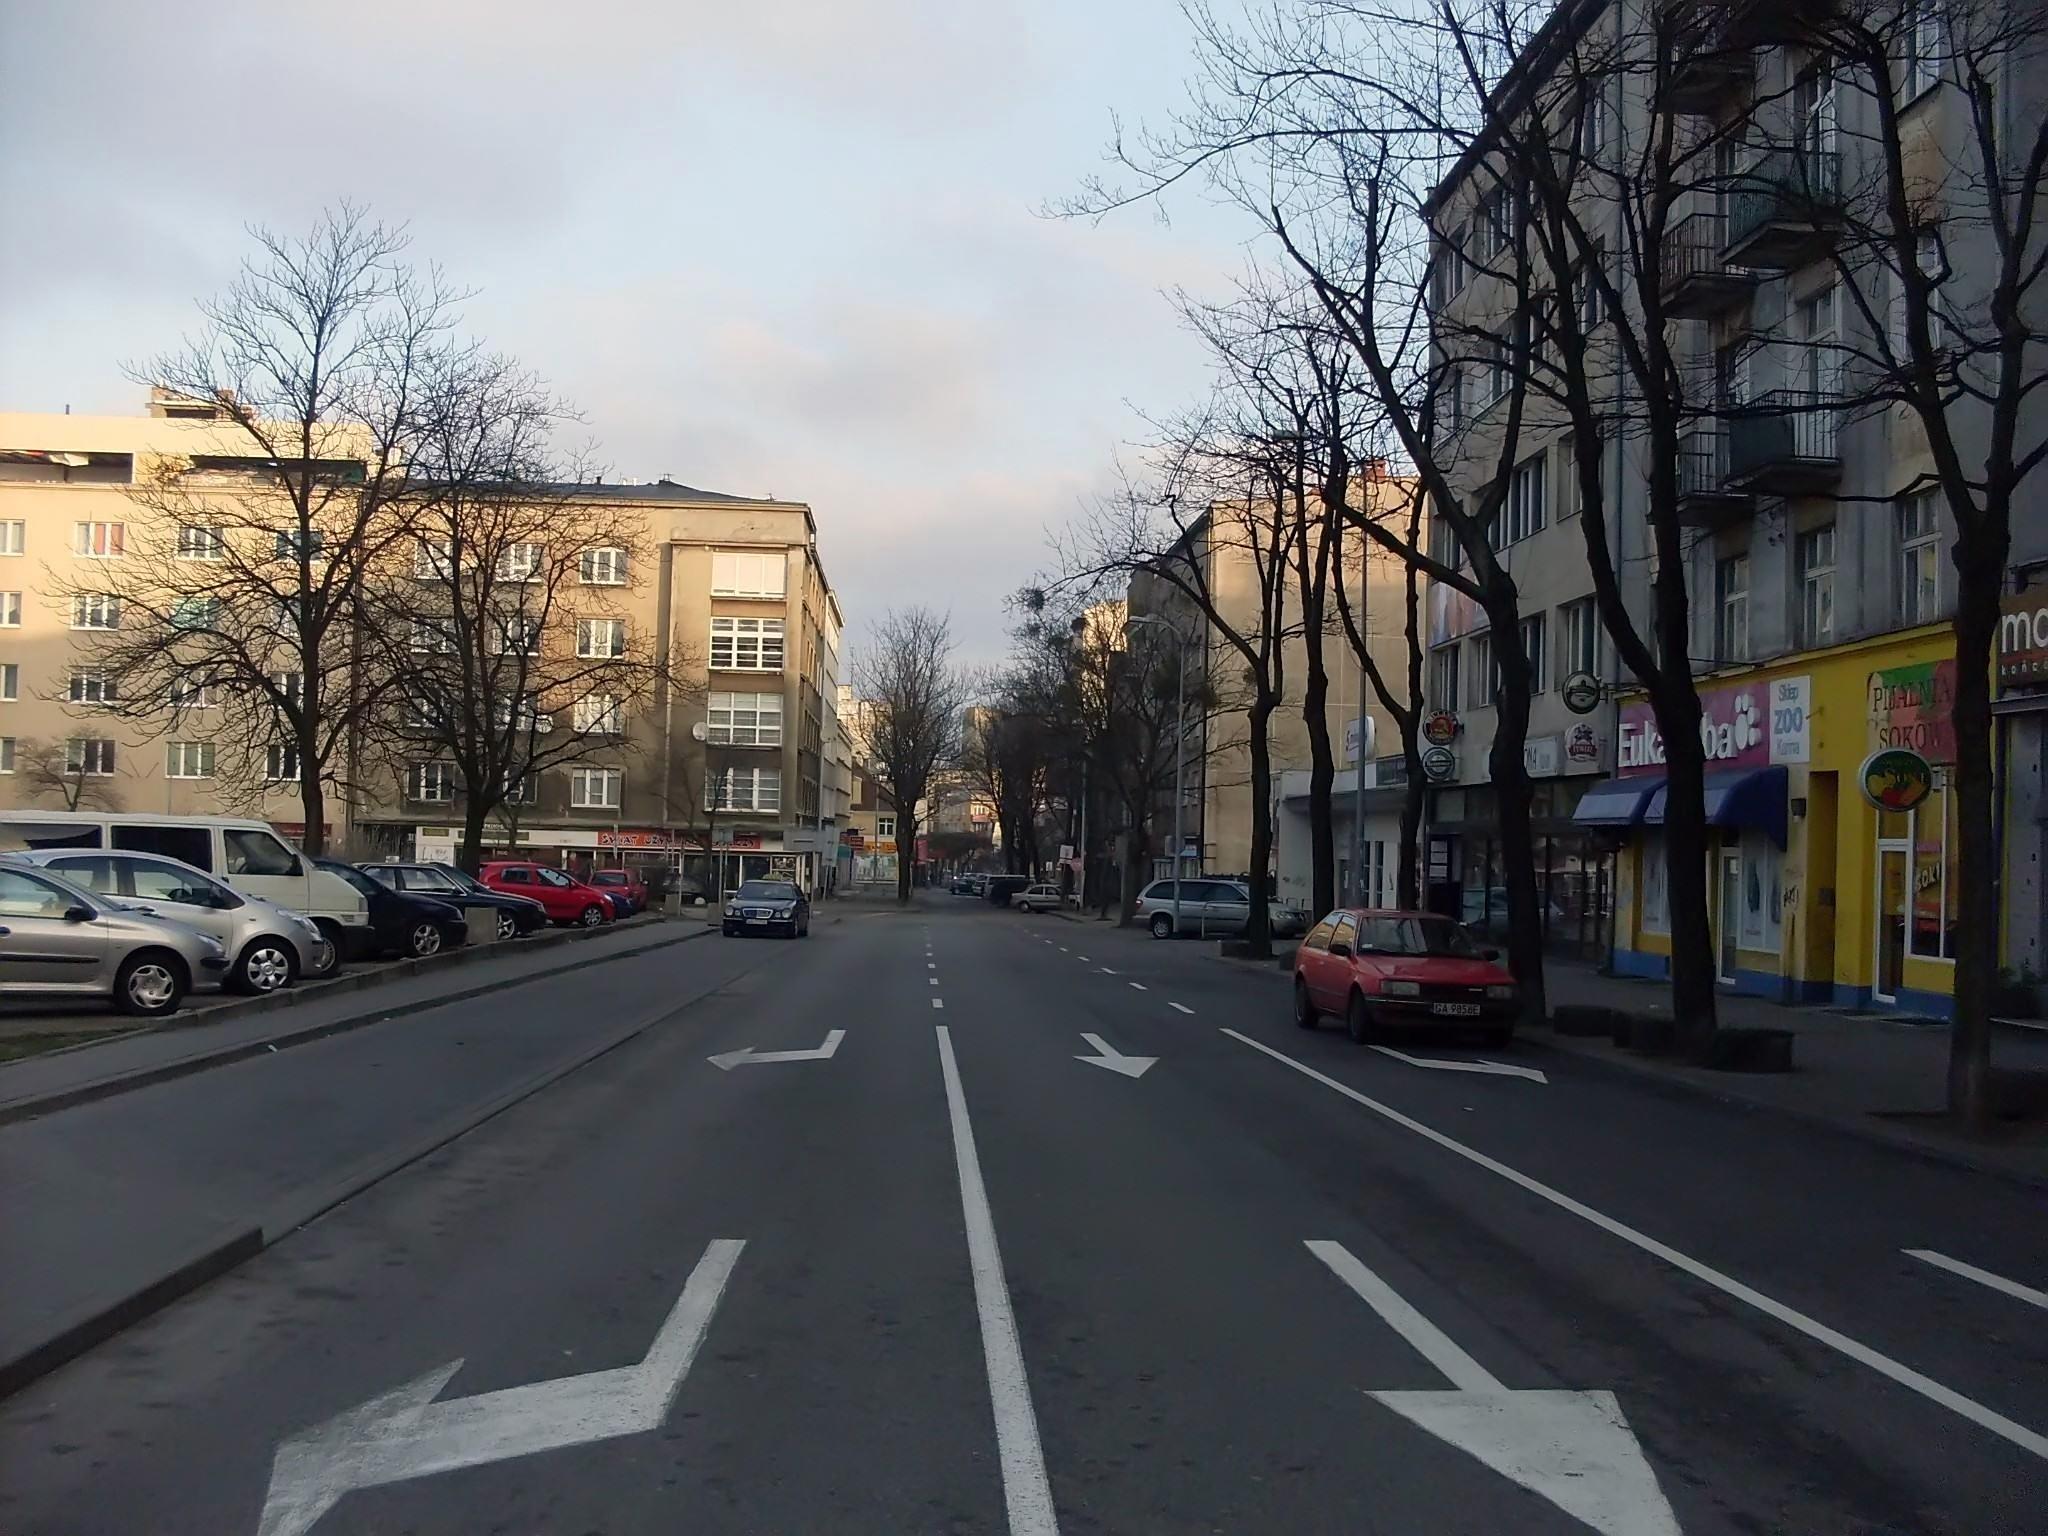 Ulica Abrahama w Gdyni | fot. Wikimedia Commons | Pomeranian | lic. CC-BY-4.0